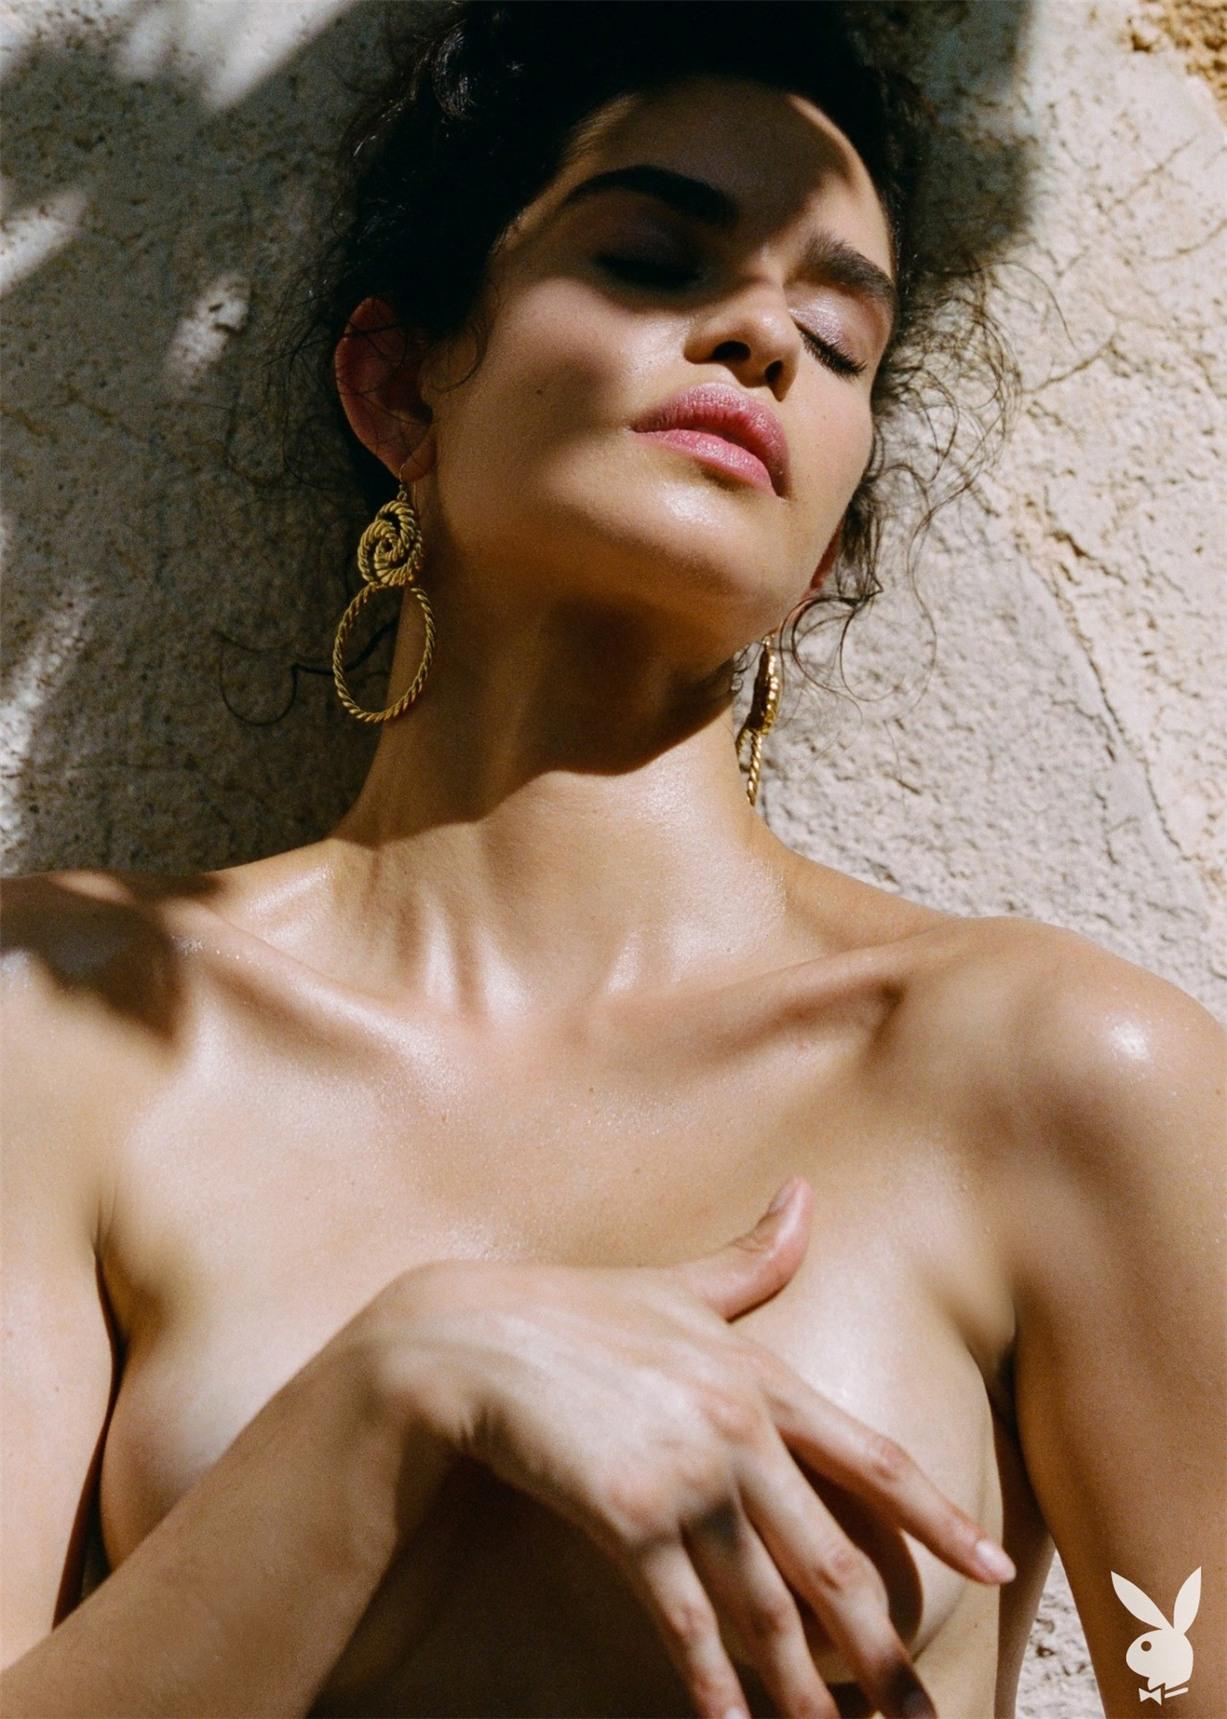 Путешествие по Европе сексуальной Хильды Диас Пиментель - Девушки месяца американского Плейбой, октябрь 2019 / фото 20